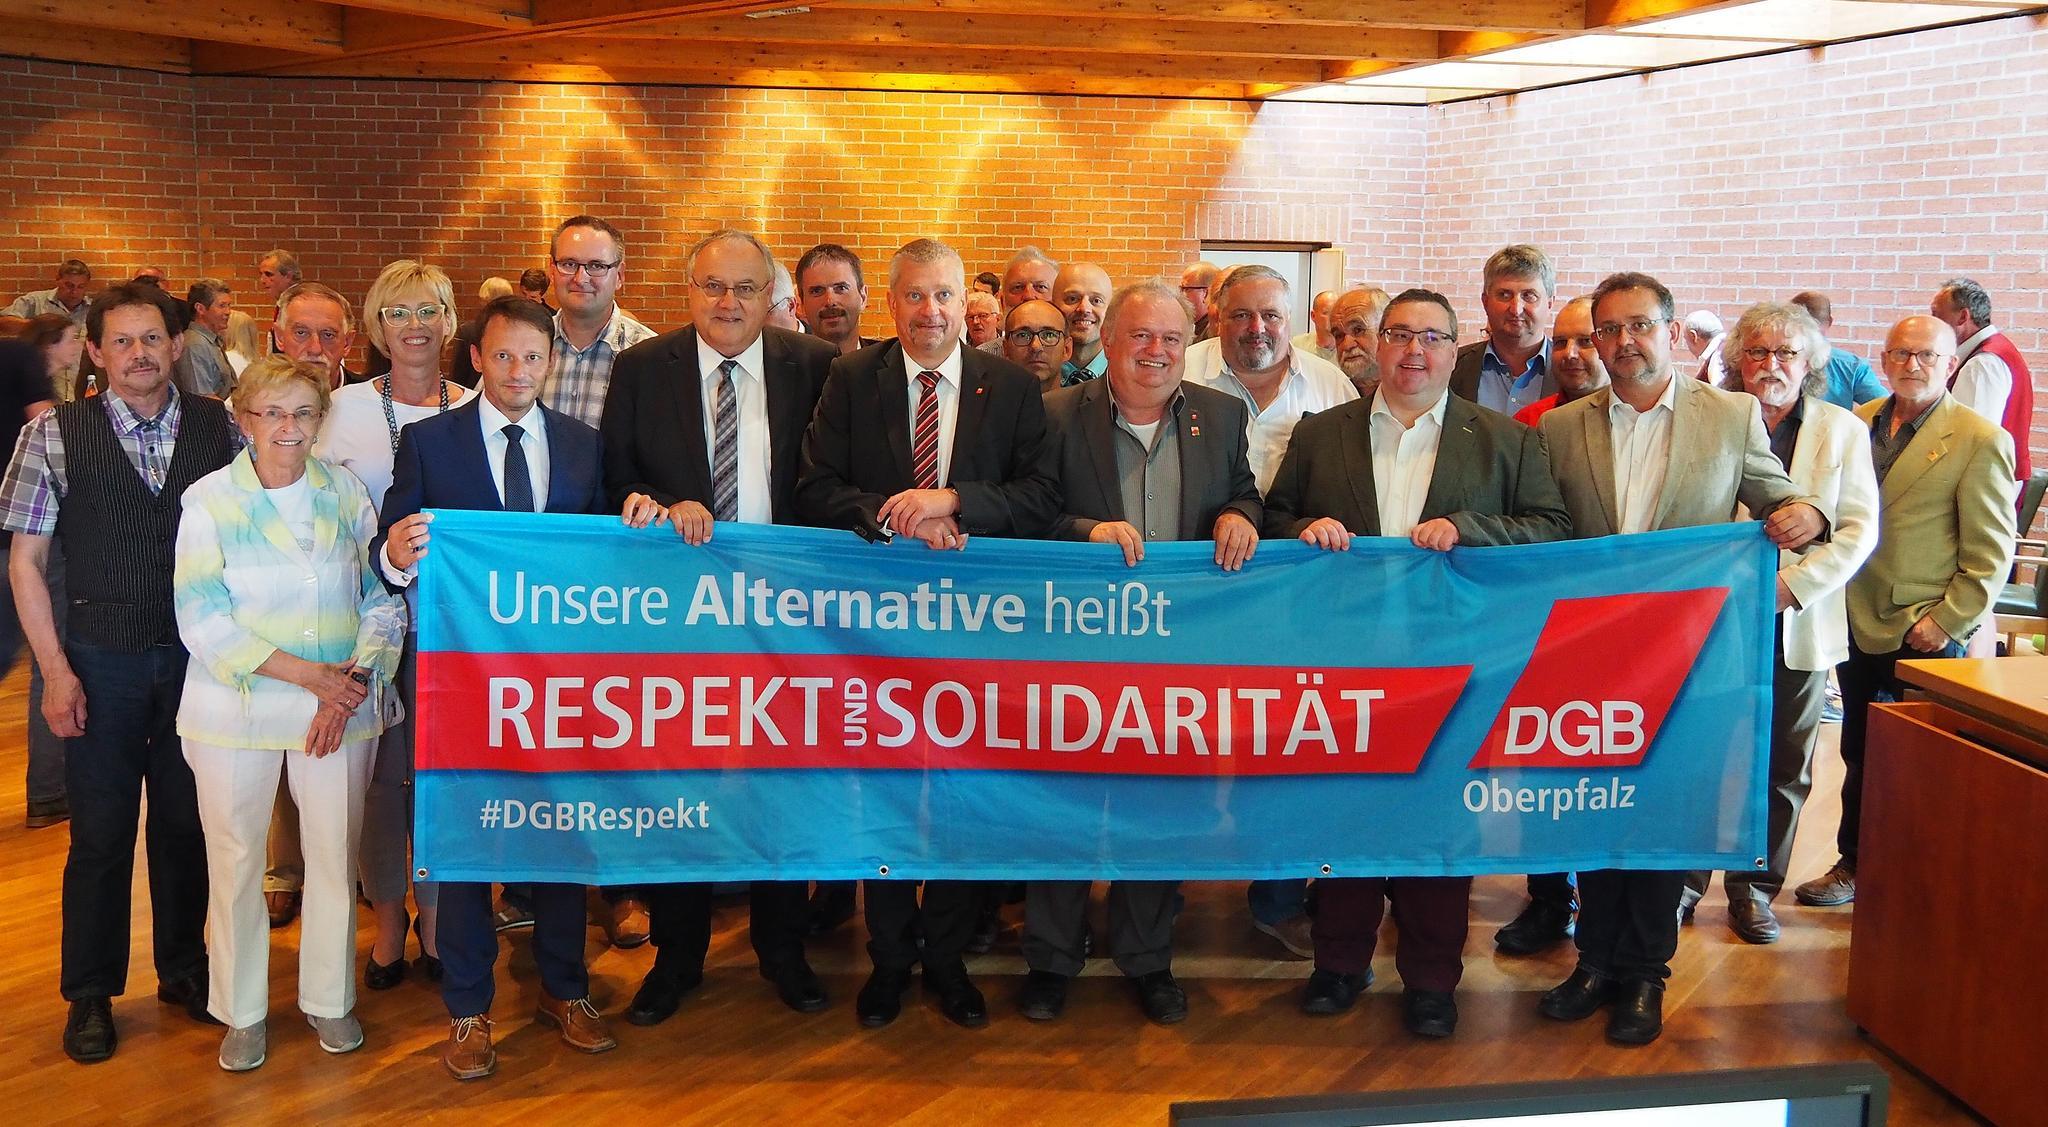 Der DGB Kreisverband und die Stadt Weiden machen klar: Unsere Alternative heißt Respekt und Solidarität!